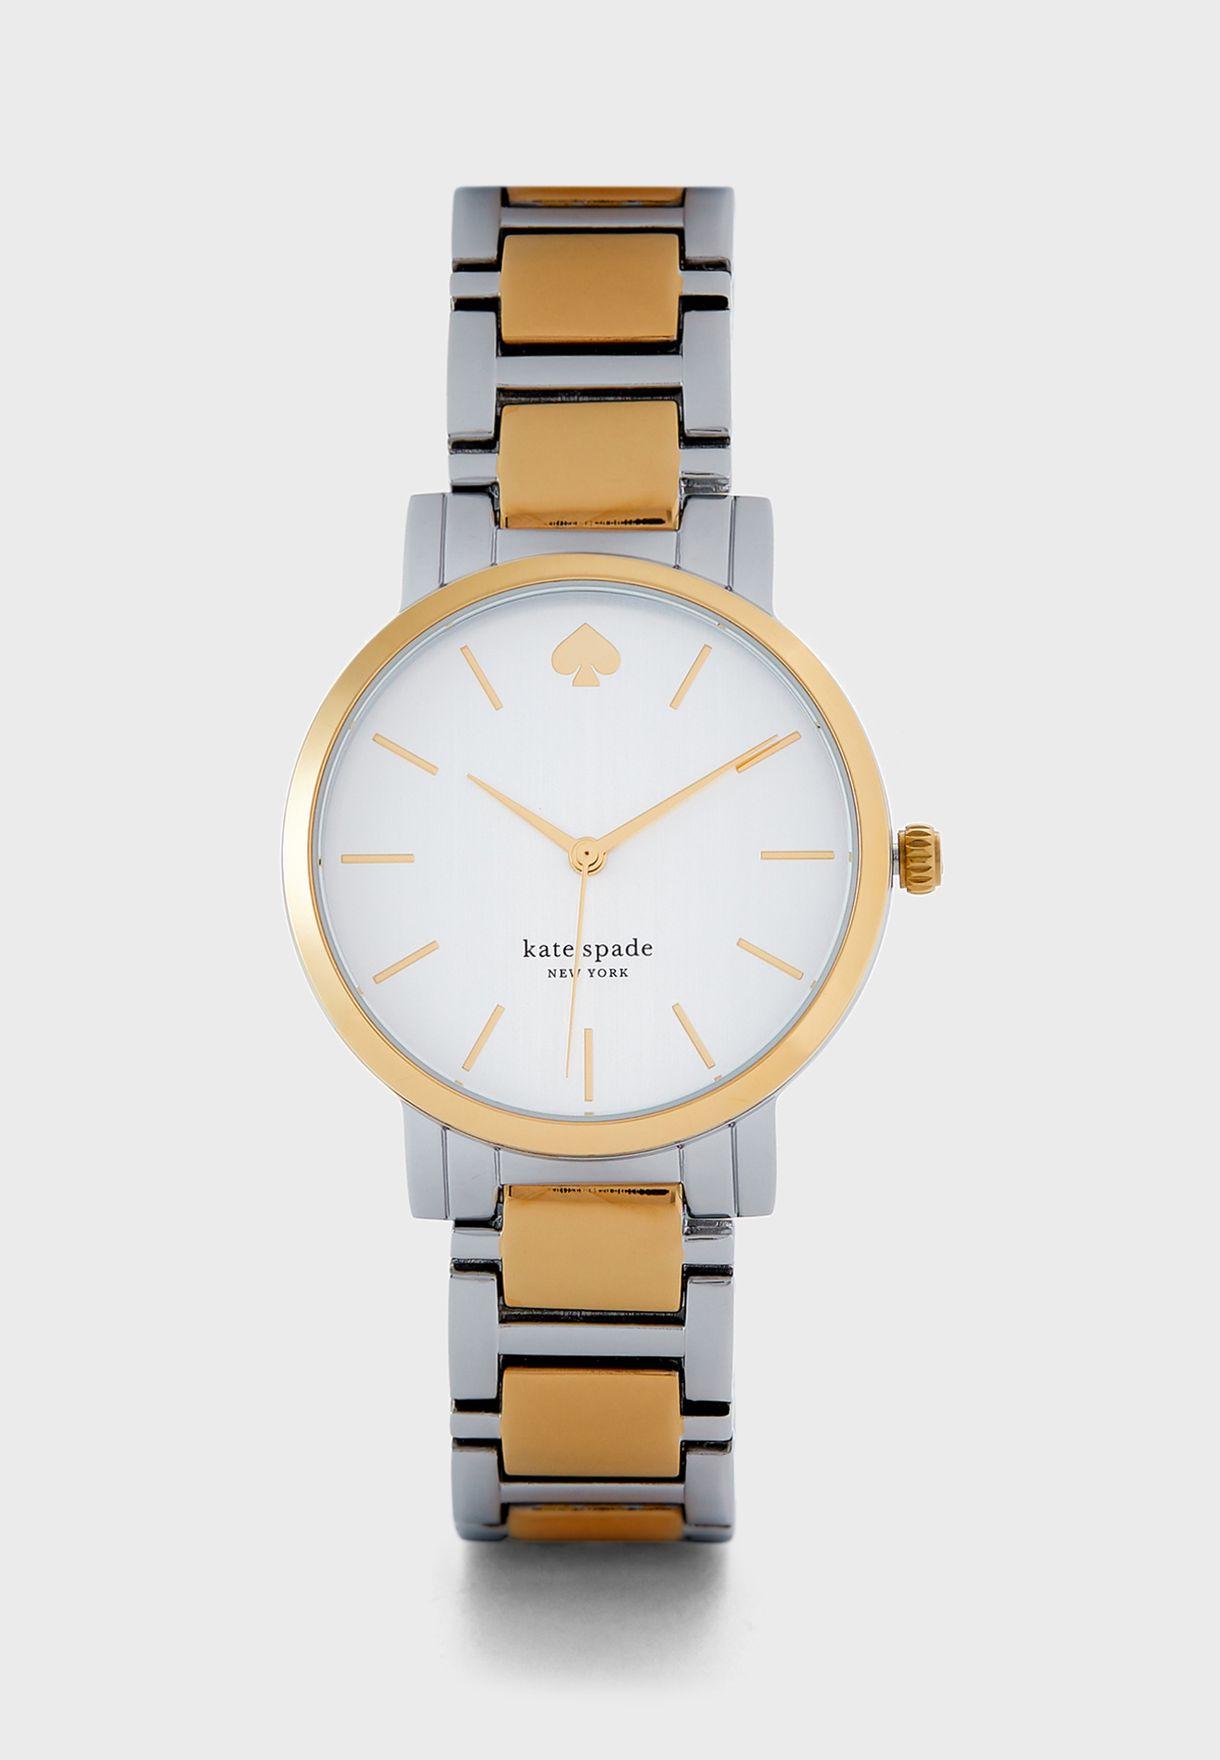 KSW9015 Analog Watch